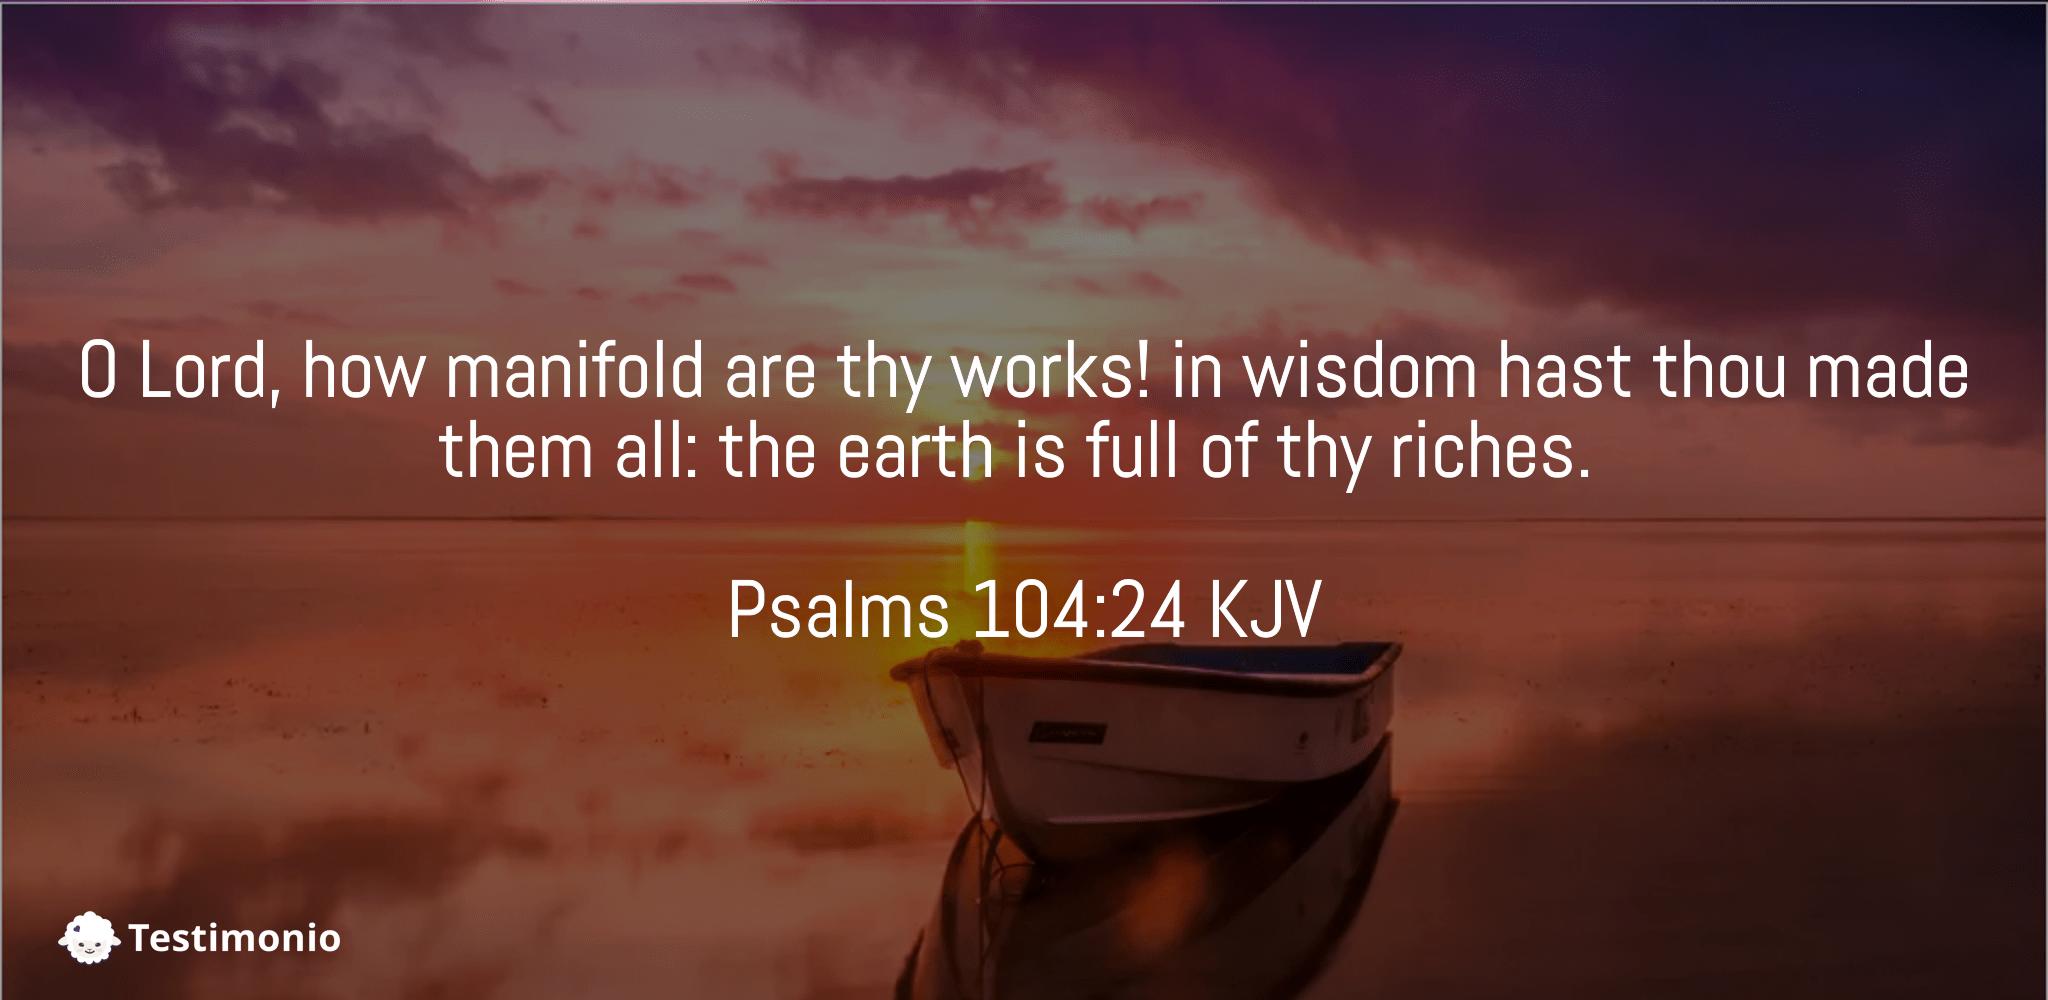 Psalms 104:24